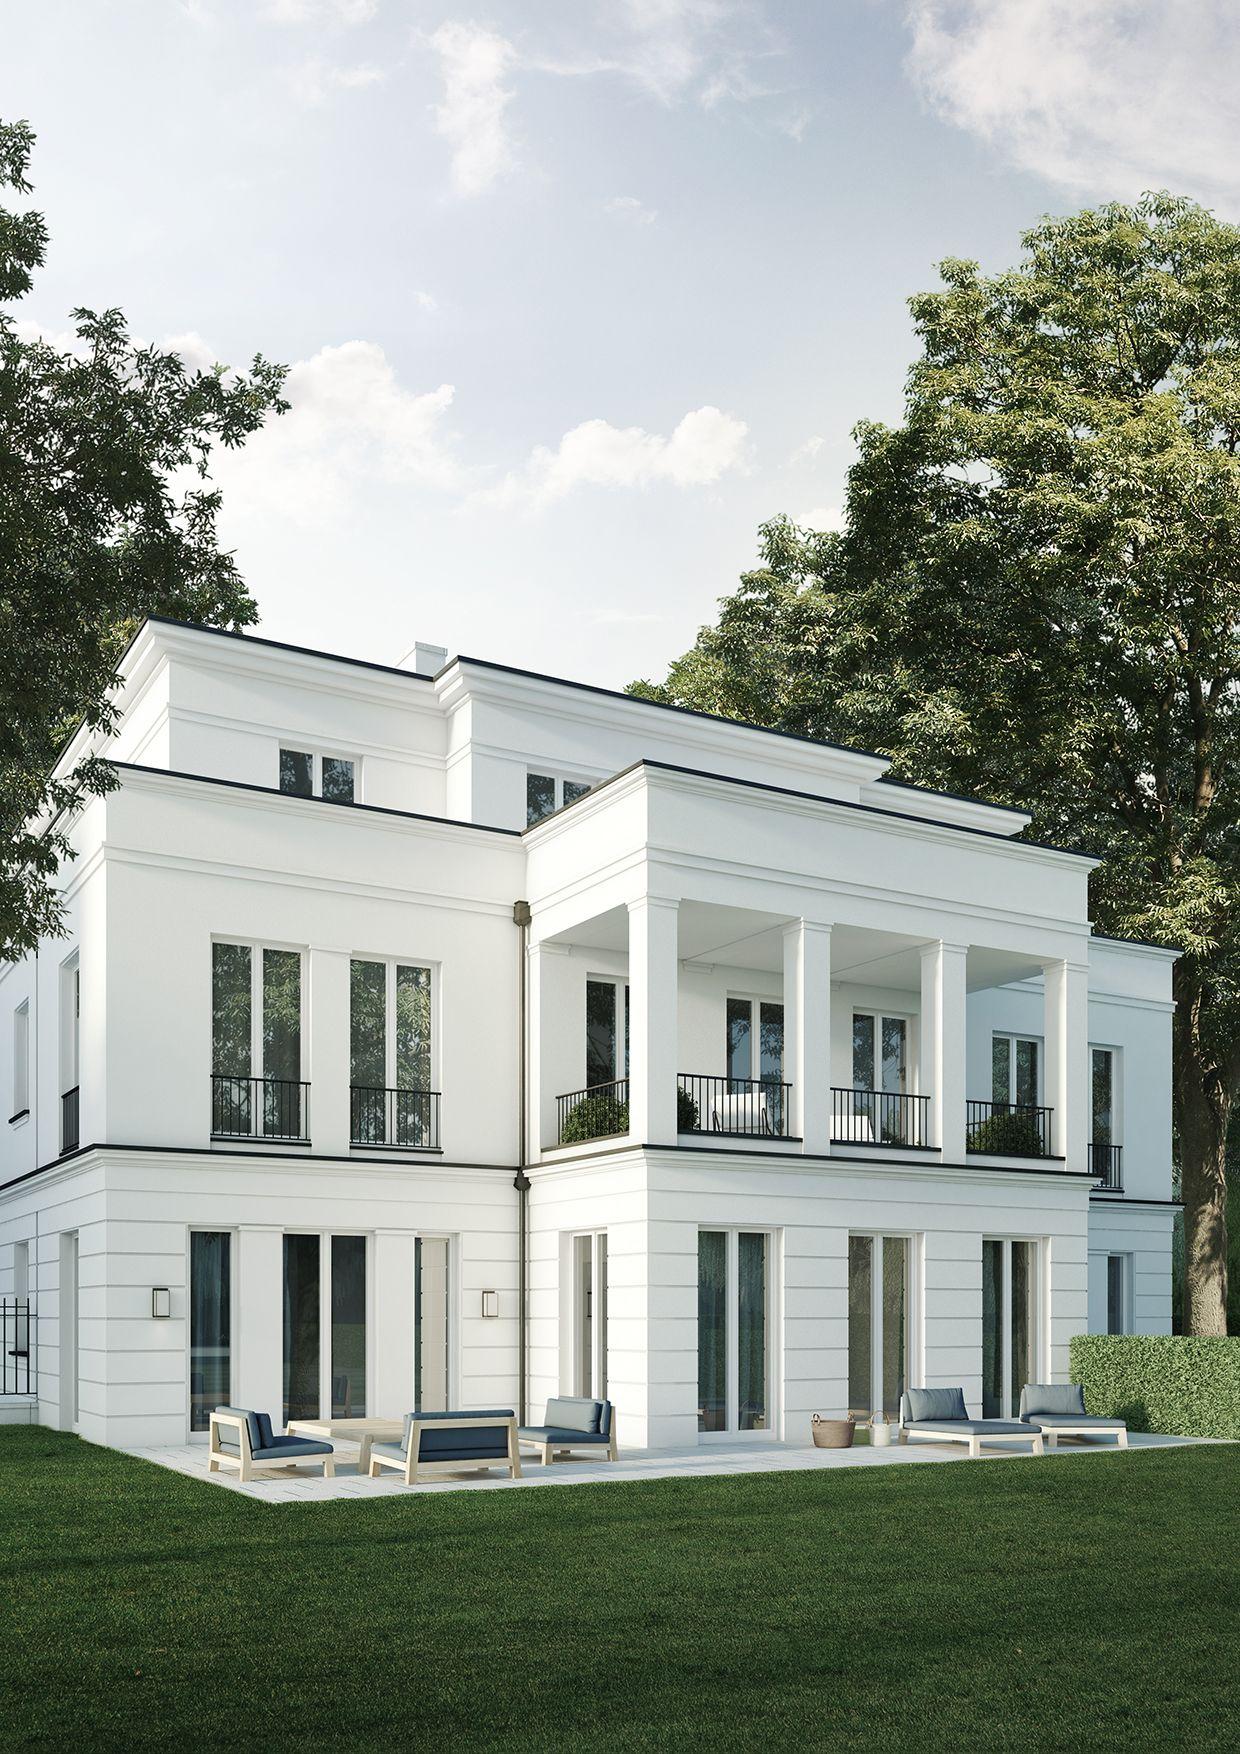 Wohnhaus mit 4 wohneinheiten berlin grunewald projekte for Architecture facade villa